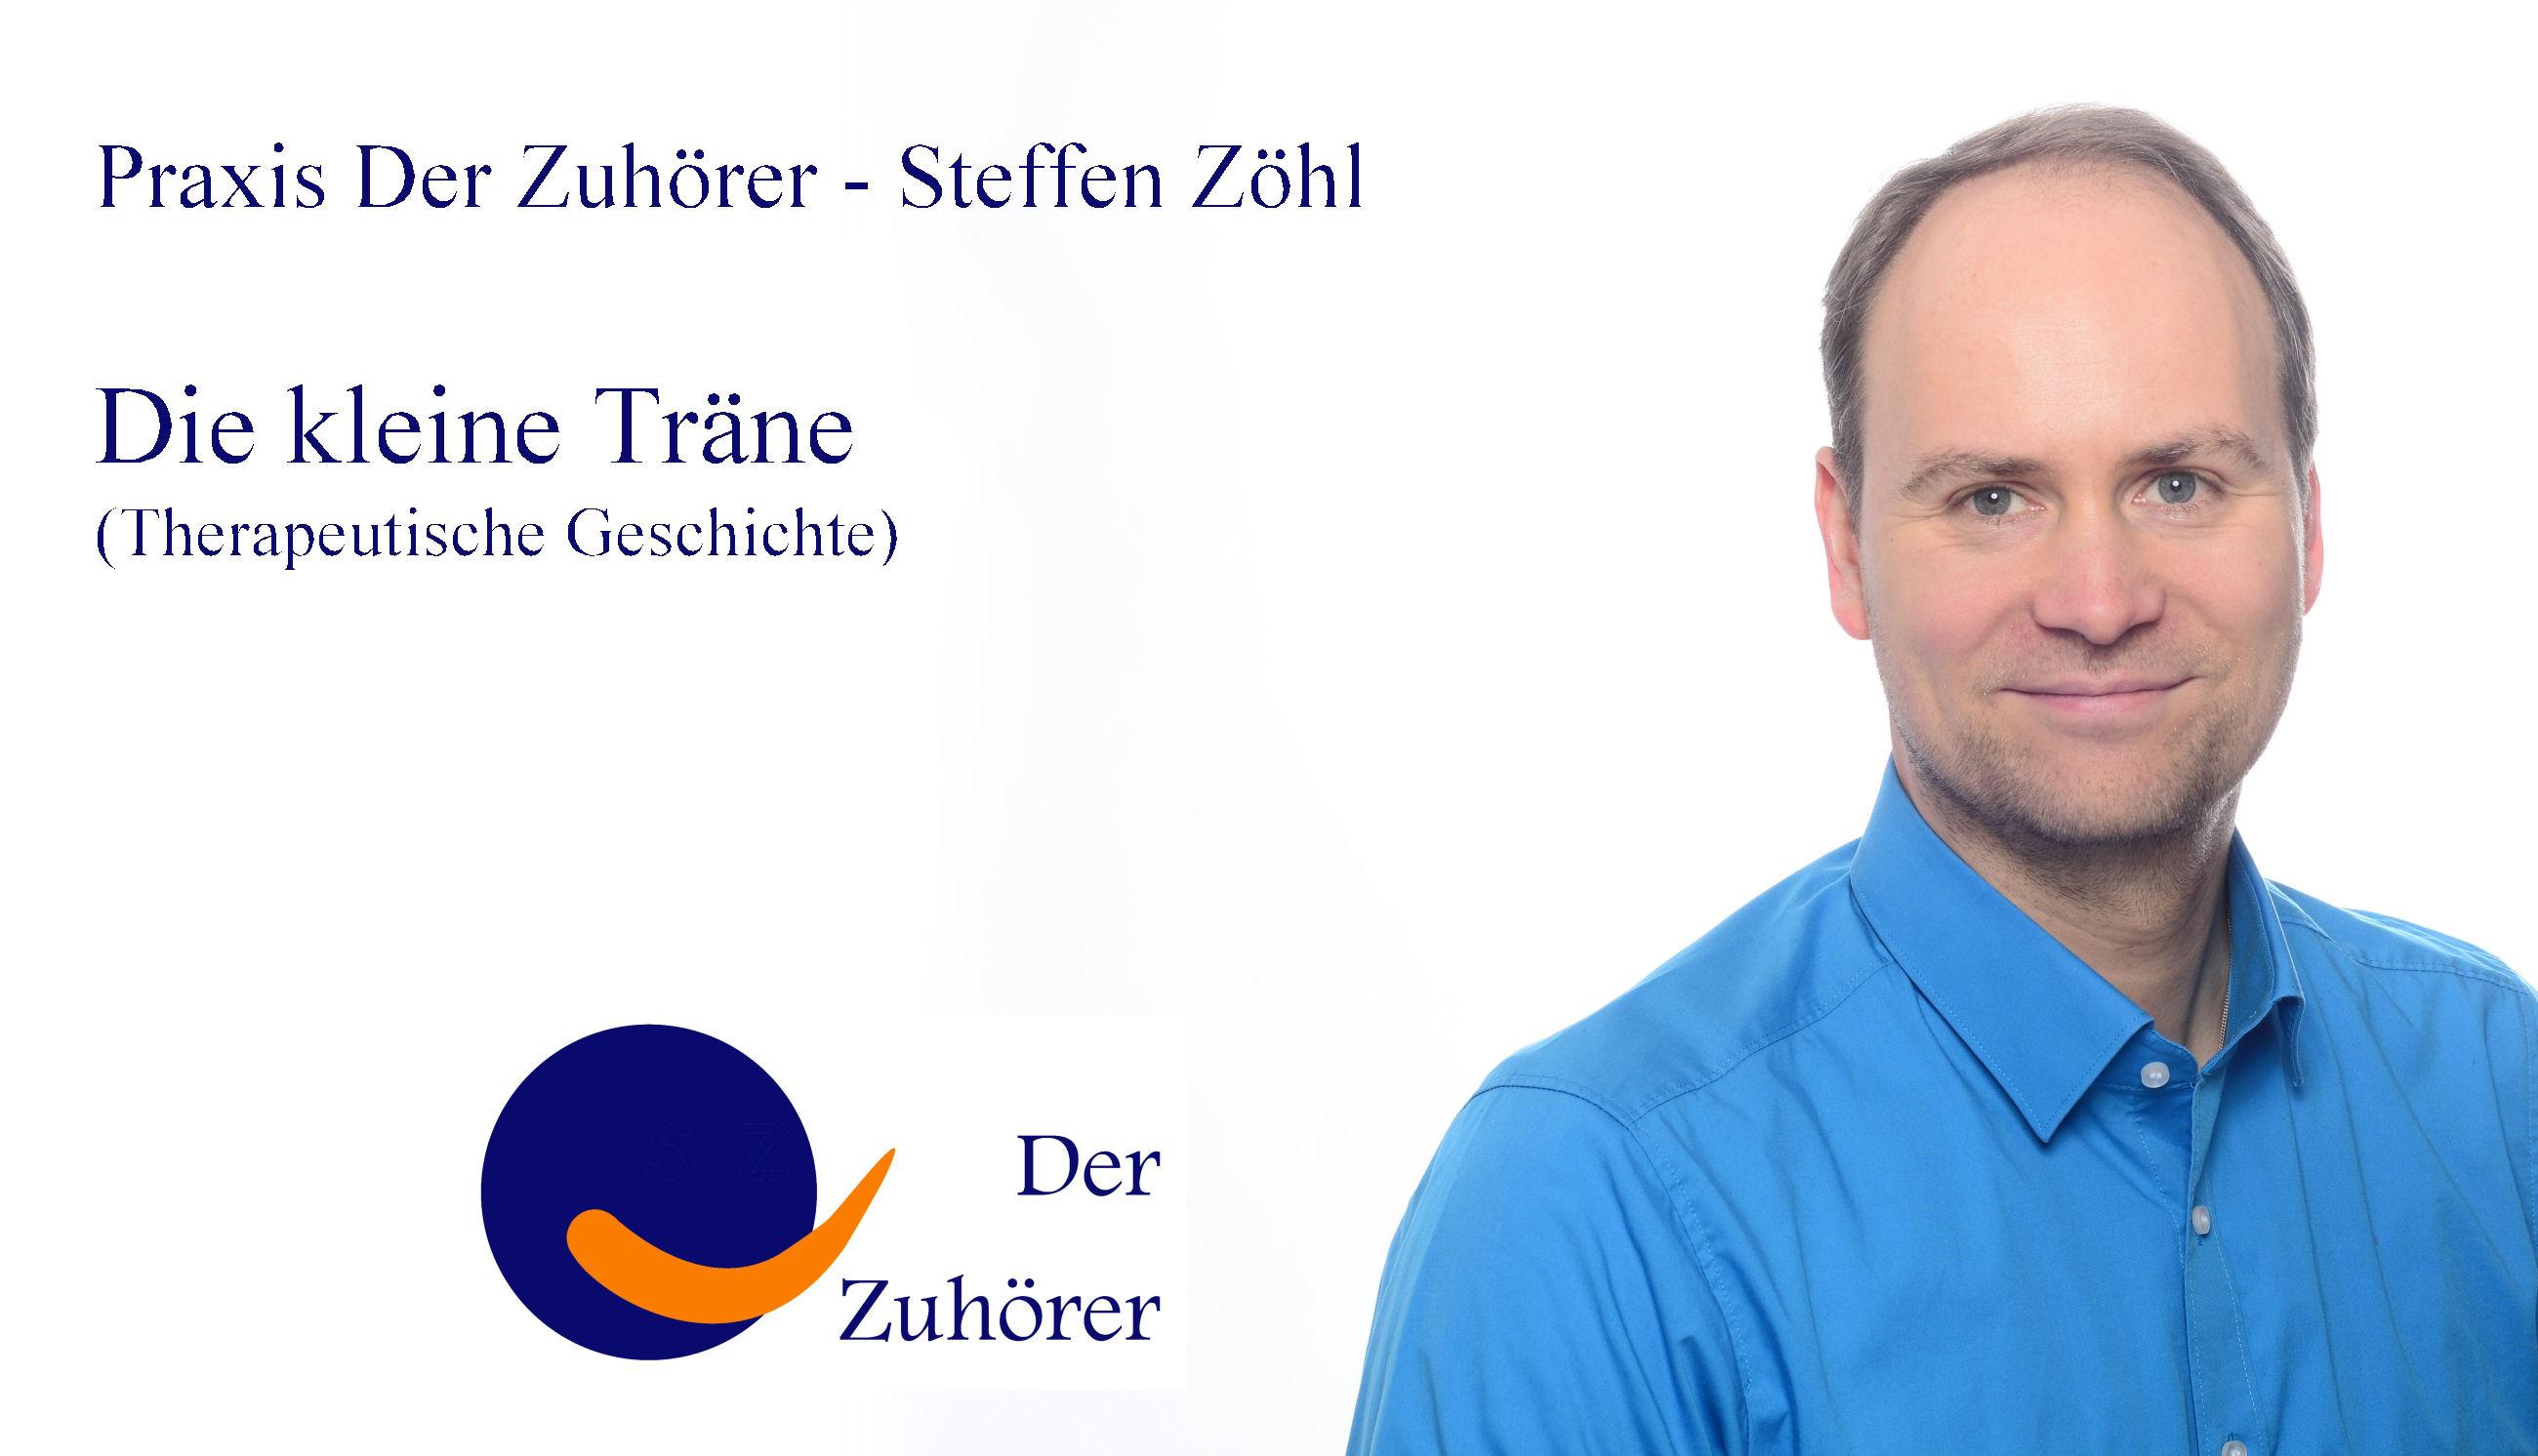 SinnSationsGeschichten Die kleine Träne © Praxis Der Zuhörer - Steffen Zöhl, 2017